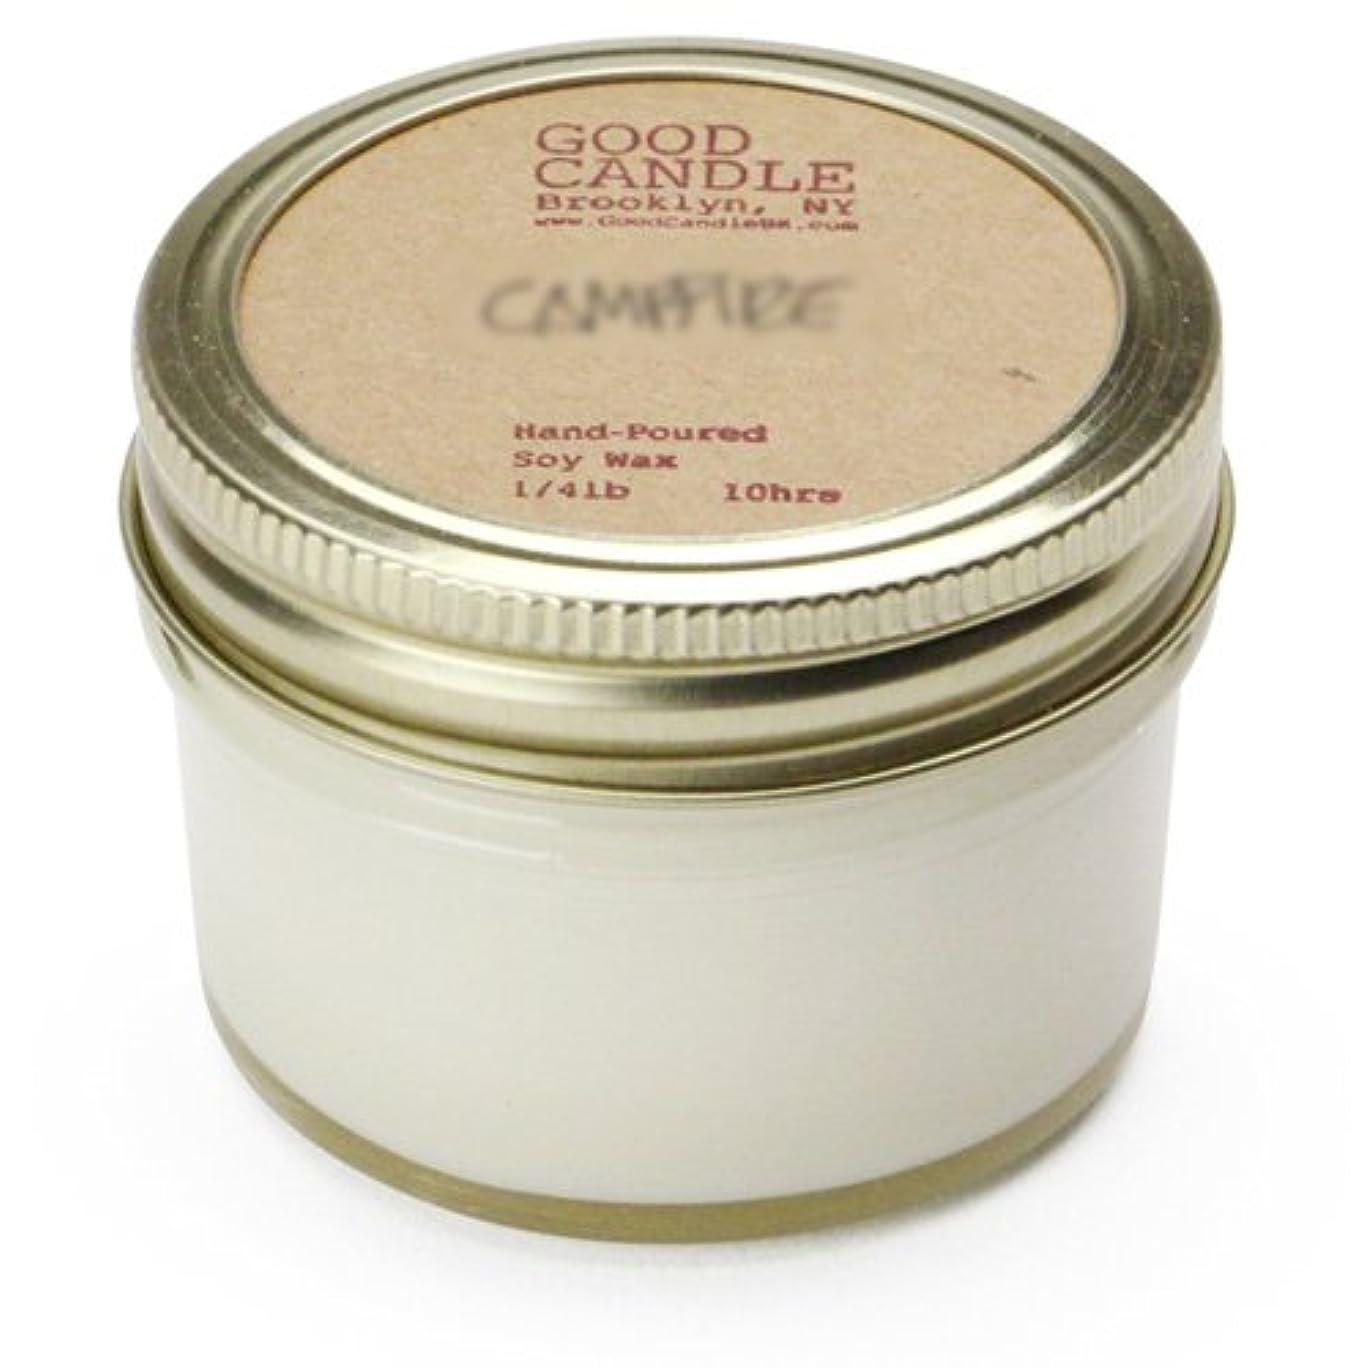 プロポーショナル過ち通訳グッドキャンドル 1/4ポンド ゼリージャー キャンドル Good Candle 1/4LB Jelly jar candle [ Rose ] 正規品